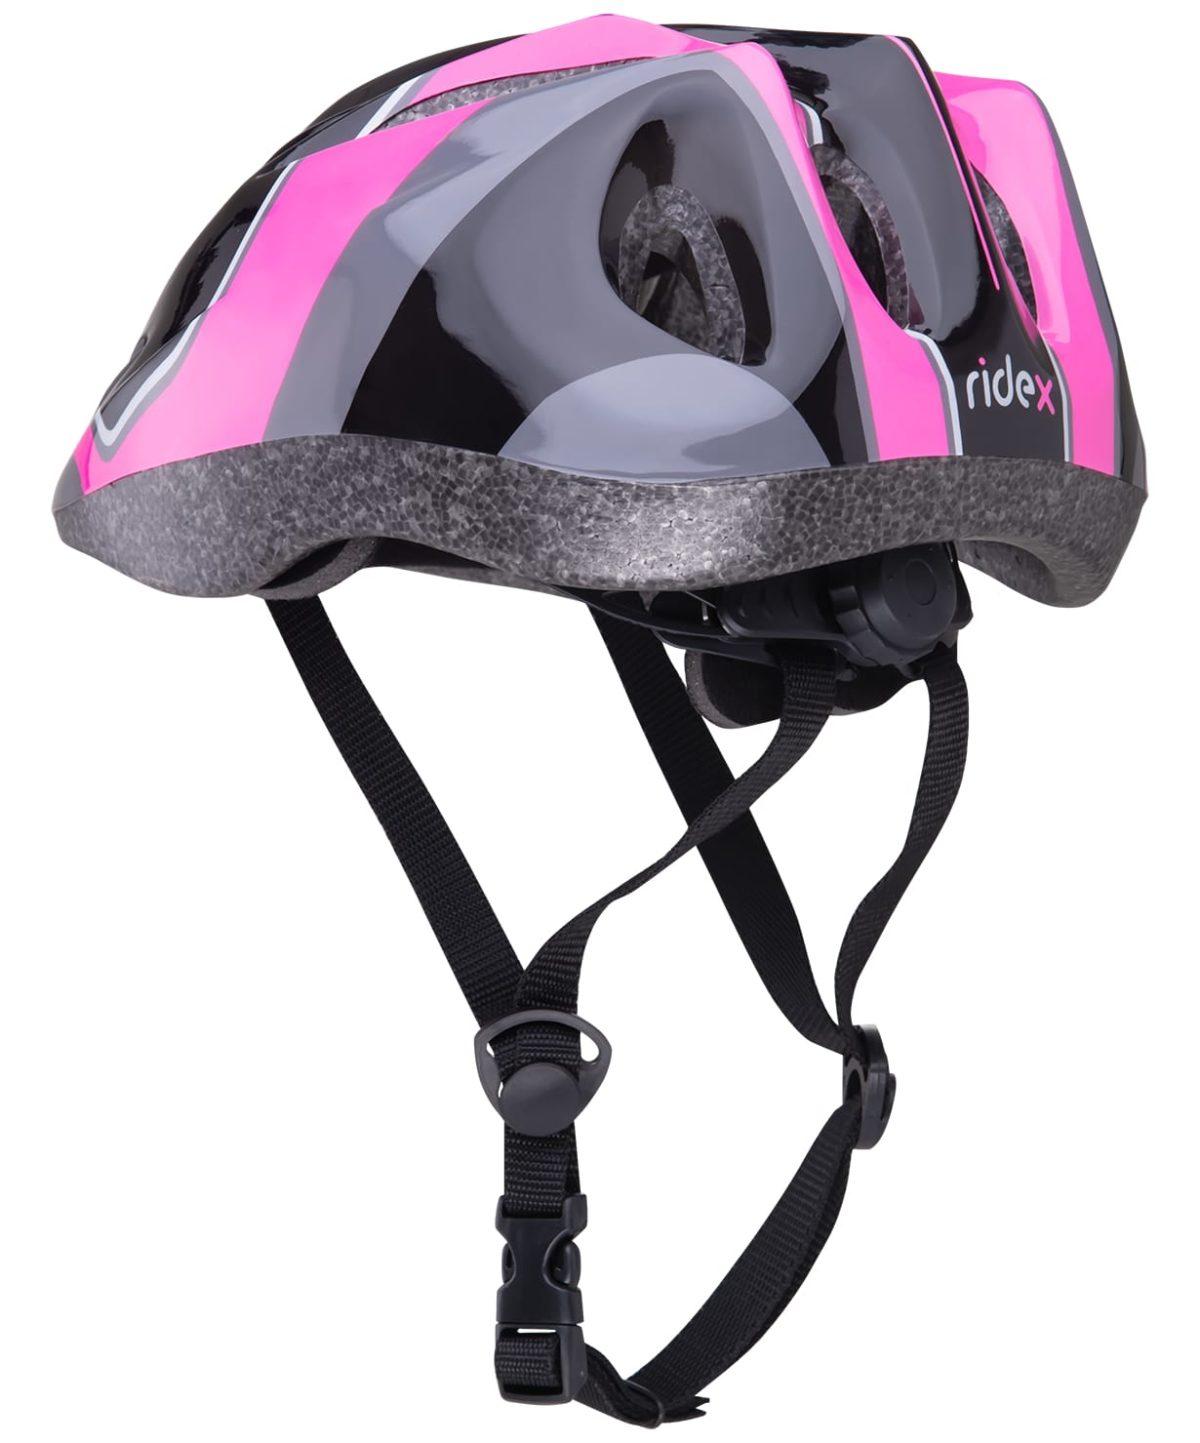 RIDEX Шлем защитный Enyy: розовый - 2